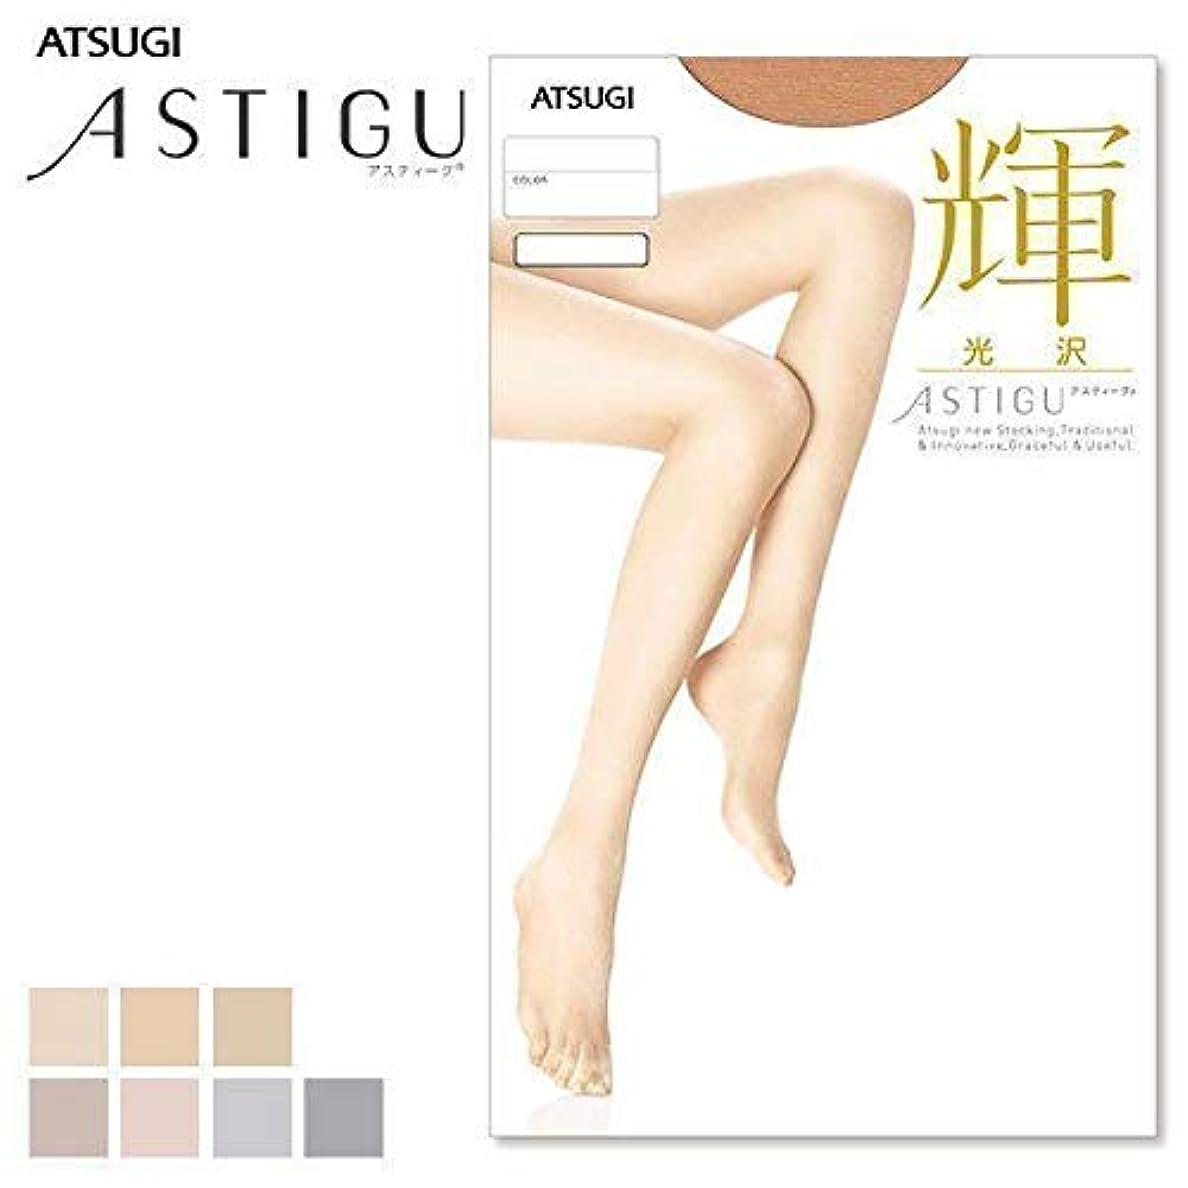 本気キャリア解決アツギ ASTIGU(アスティーグ)輝(ヌーディベージュ)サイズ M~L